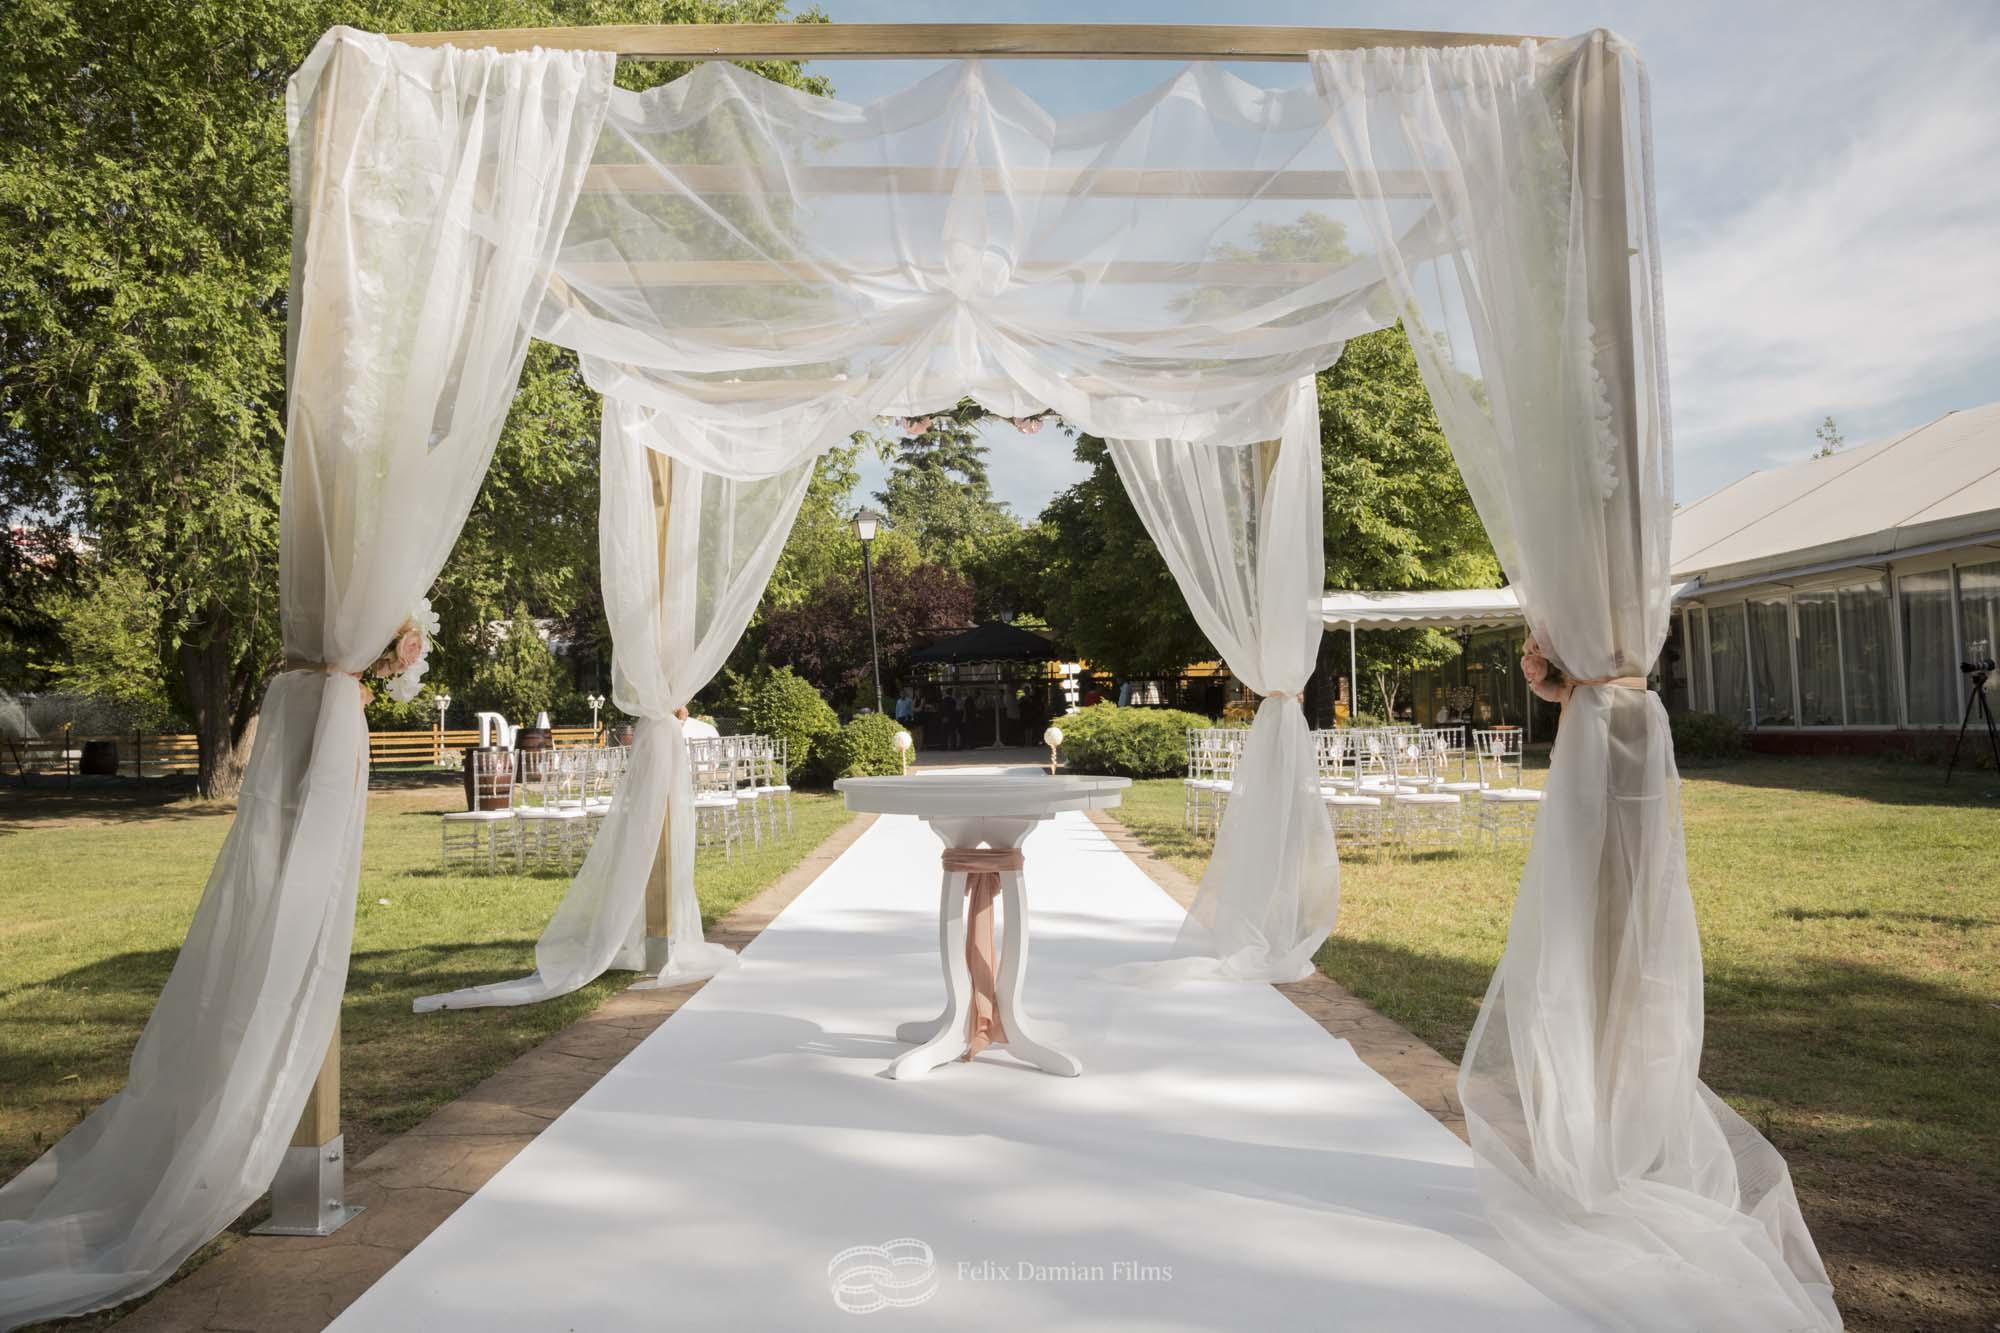 fotografos de bodas-46